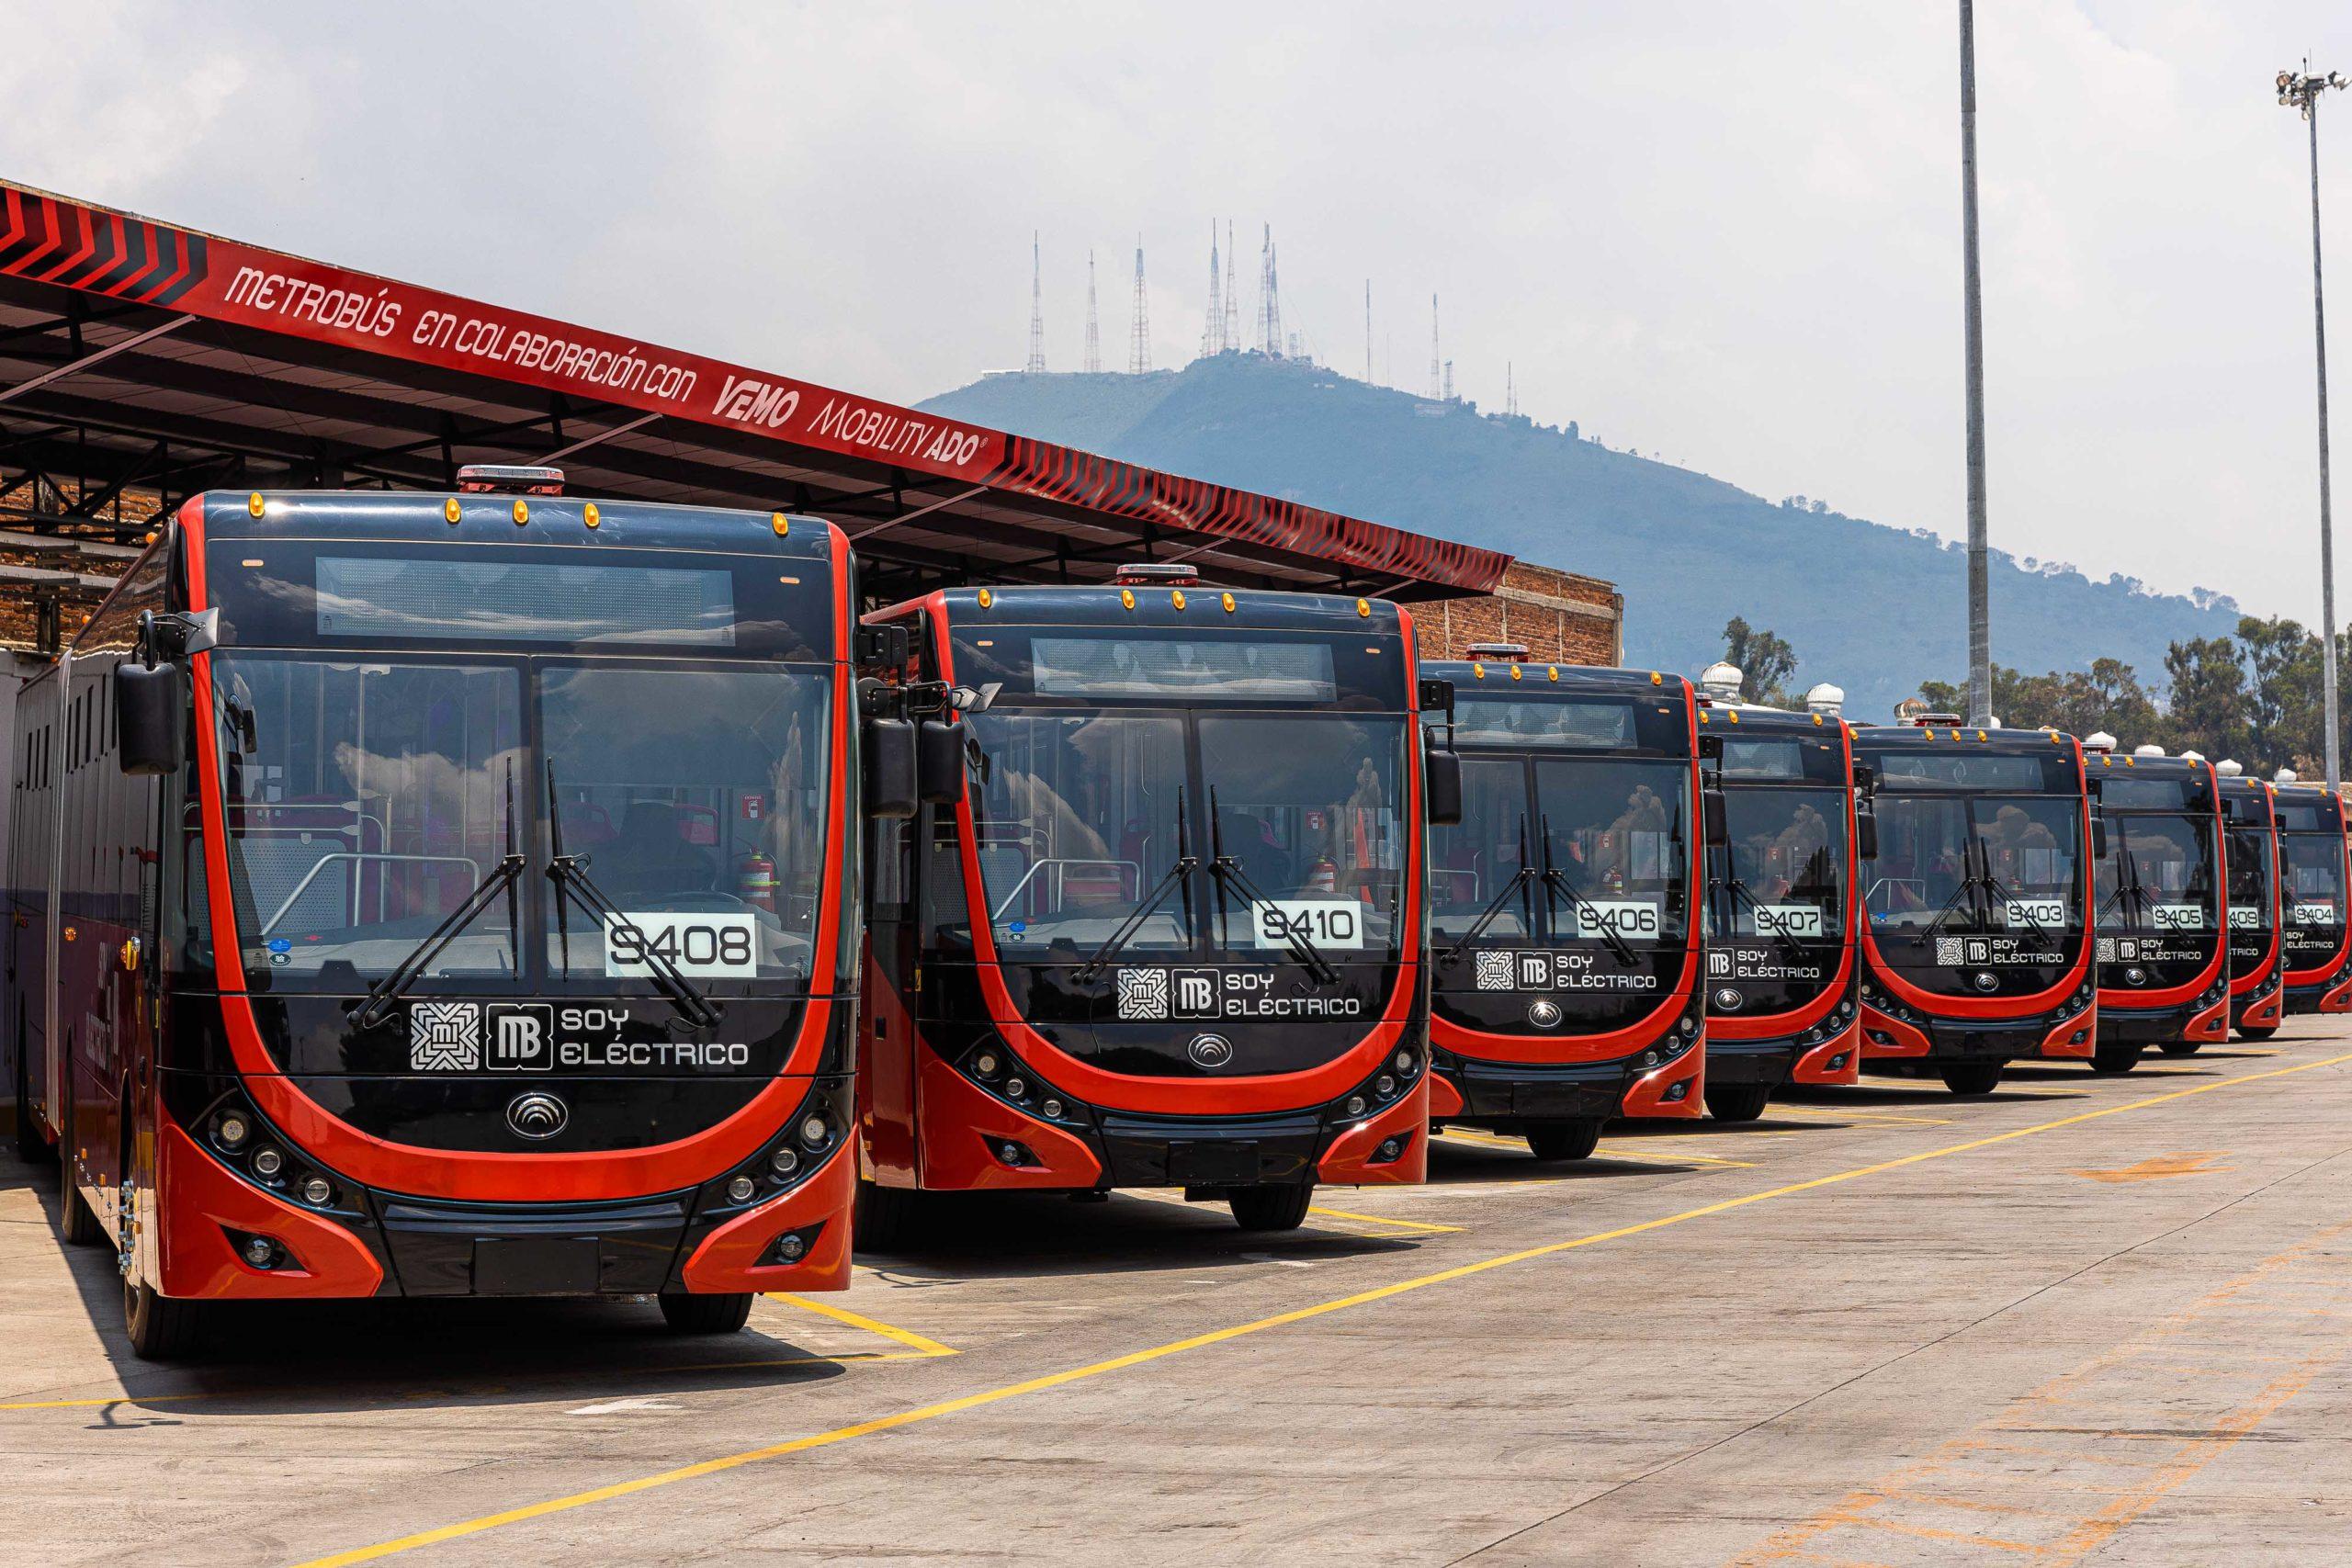 El Metrobús Eléctrico trae electromovilidad a la CDMX